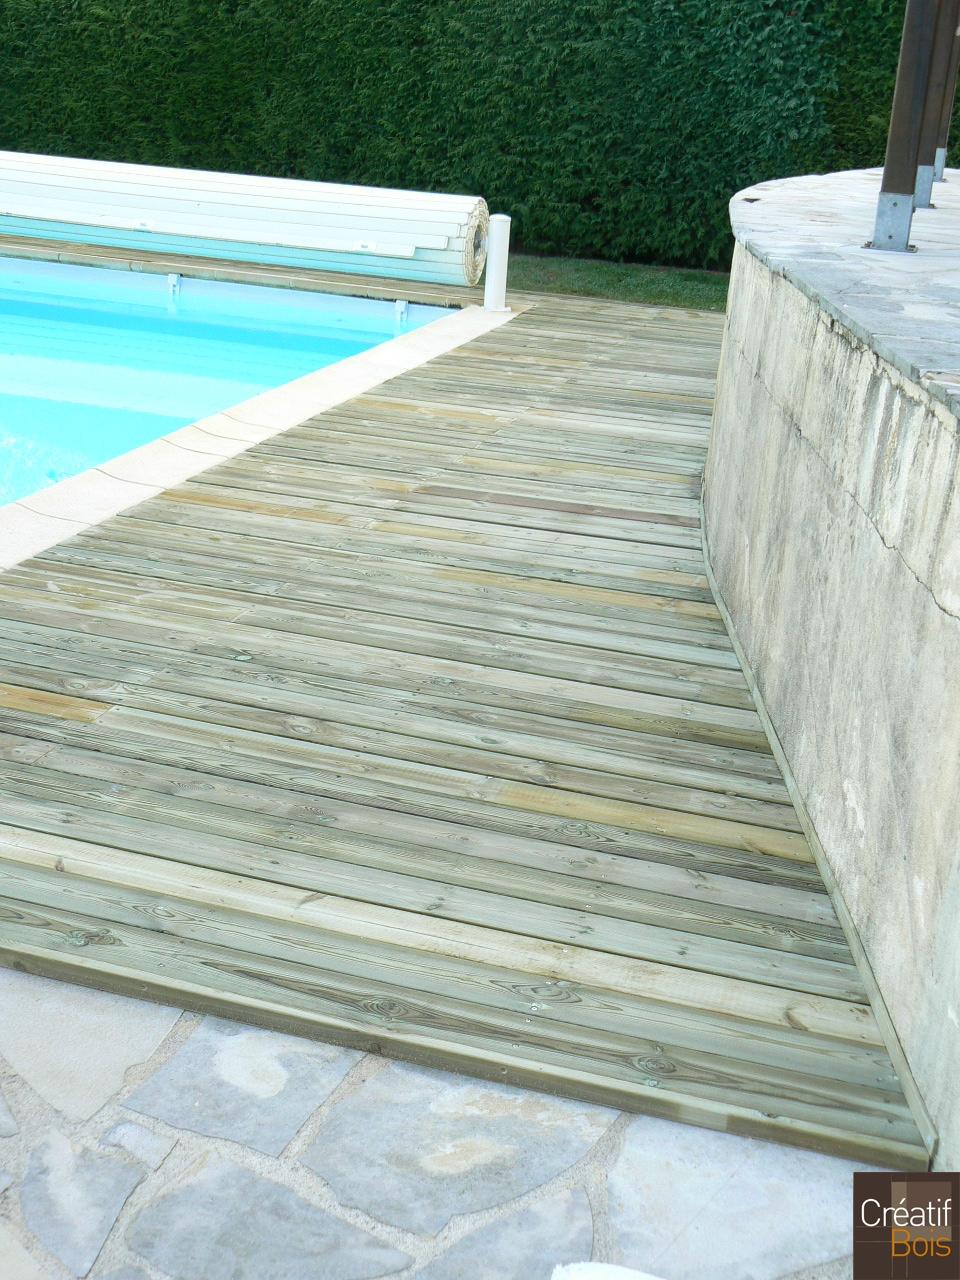 plage de piscine brive corr ze 19 plages de piscine. Black Bedroom Furniture Sets. Home Design Ideas